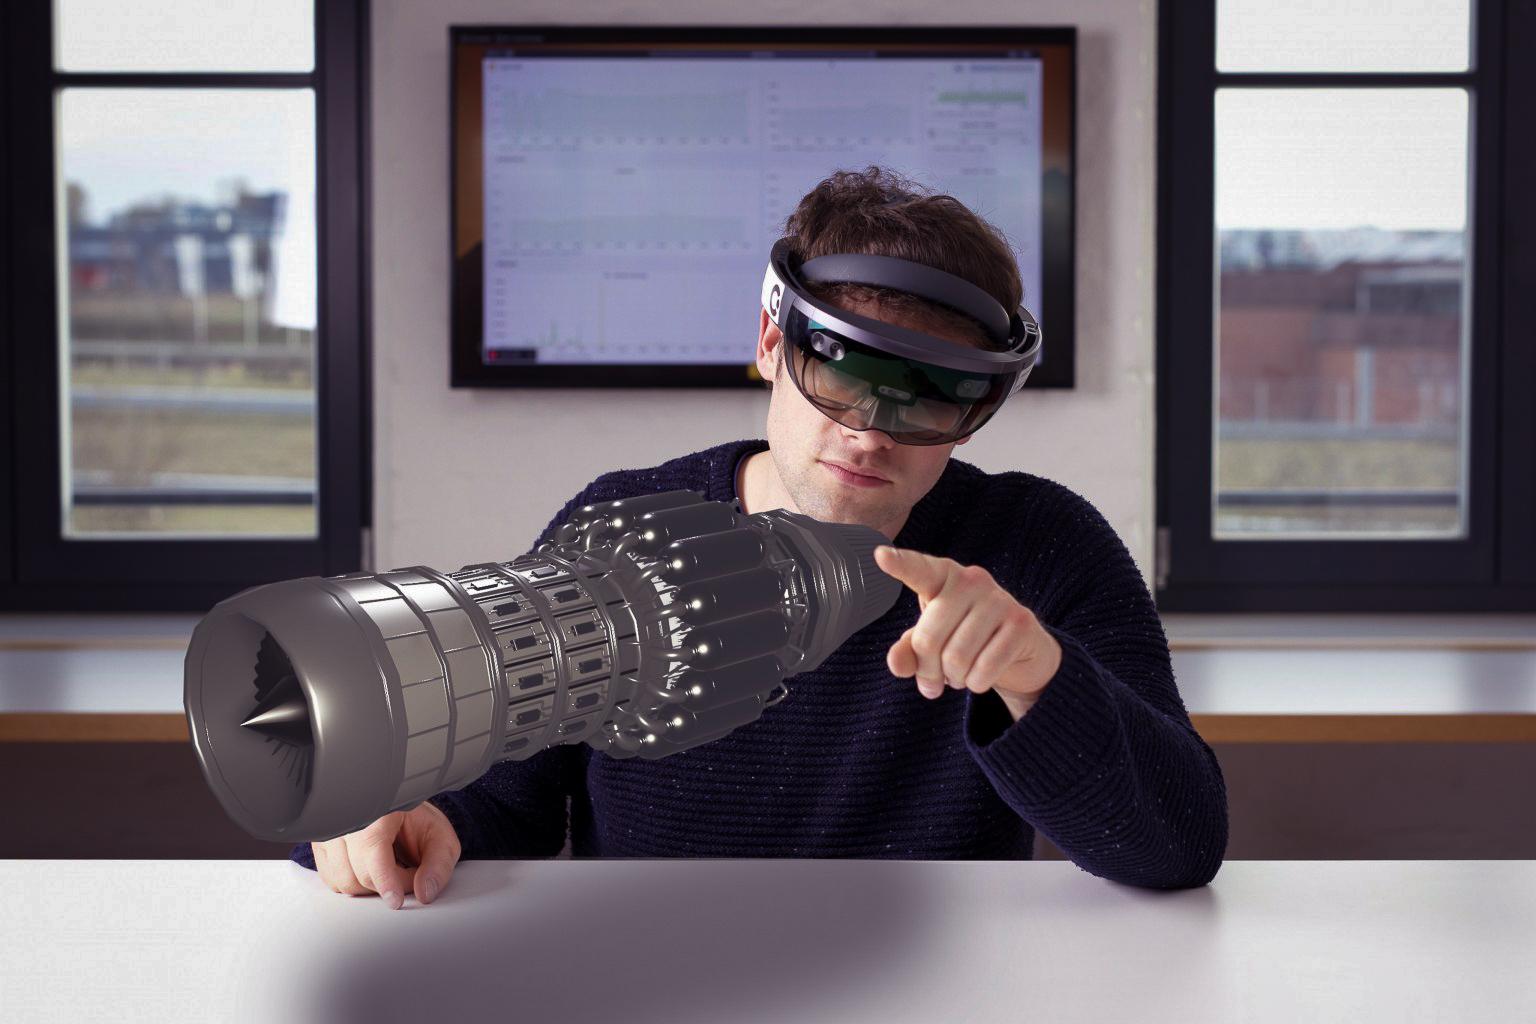 Mann nutzt AR um ein Triebwerk virtuell darzustellen